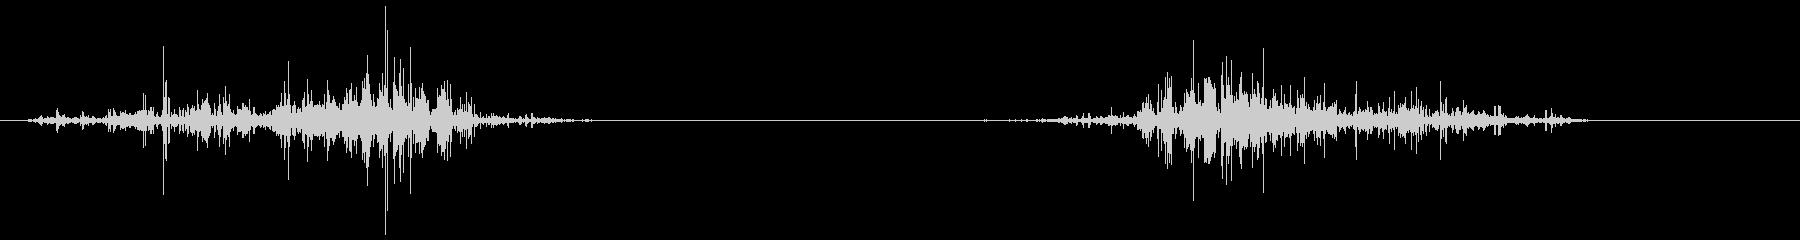 ラスパイクラックルエイリアンボイス...の未再生の波形